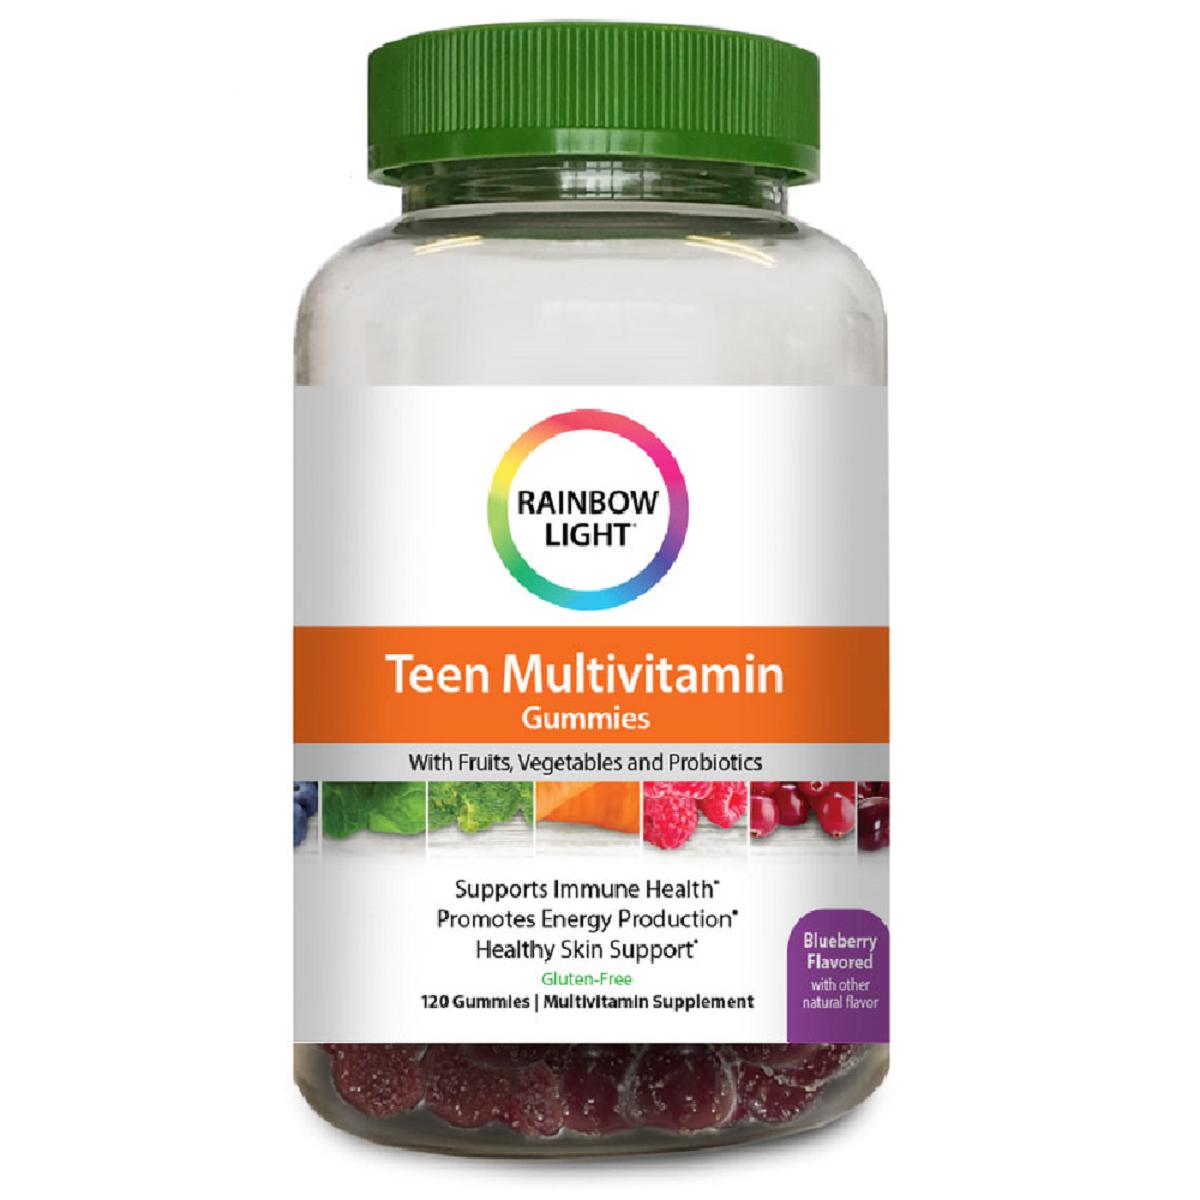 Мультивитамины Для Подростков, Teen Multivitamin, Rainbow Light, 100 жевательных таблеток